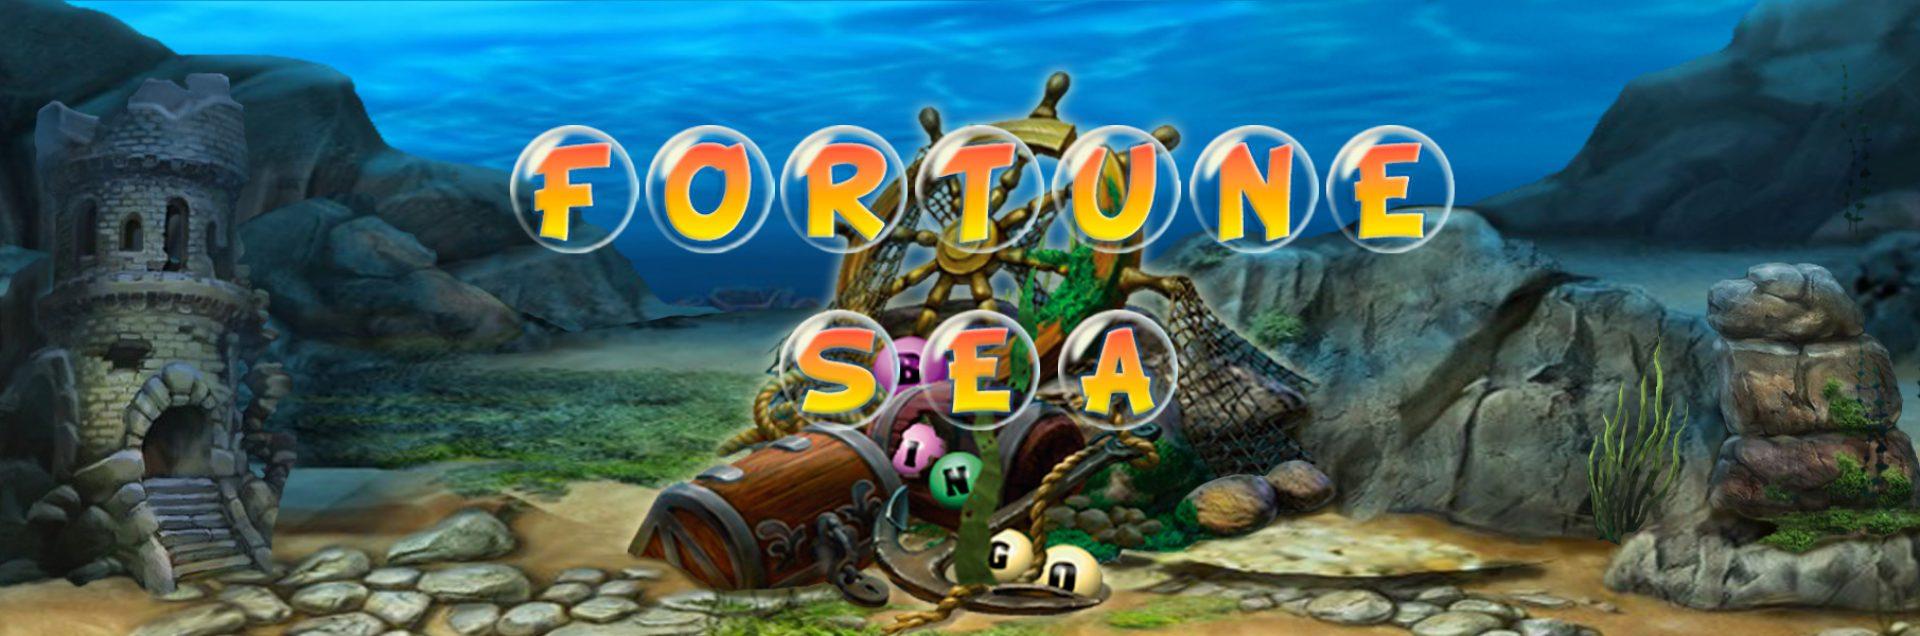 Fortune_Sea_00